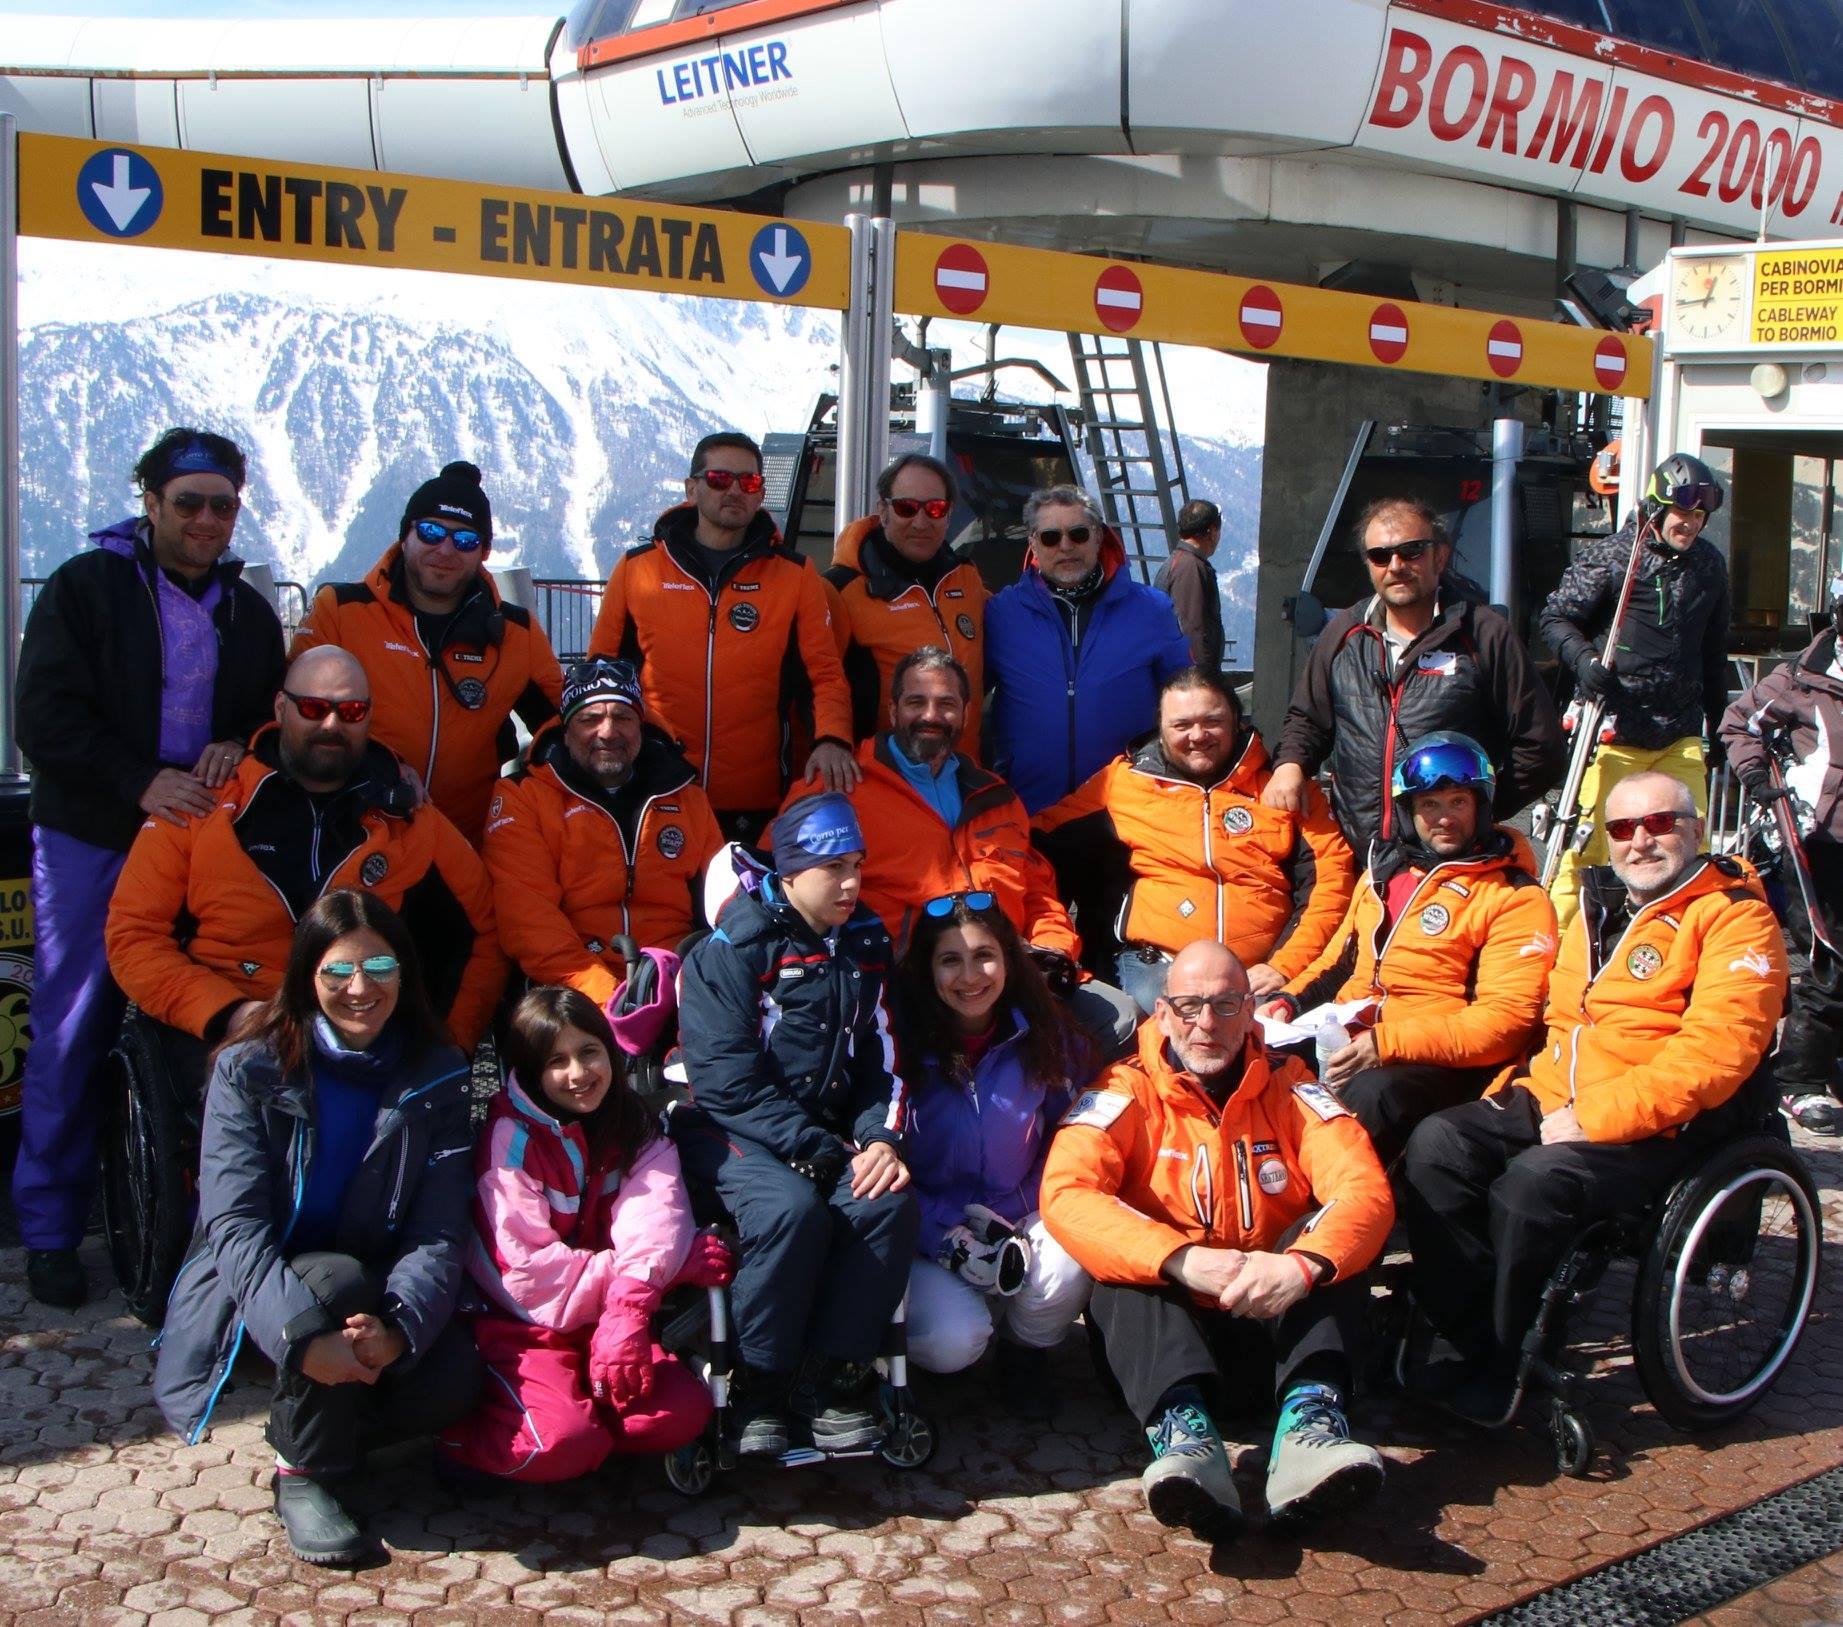 Daniele Pomilia presente allo Ski Tour Freerider Sport Events Bormio 22-25 Marzo 2018